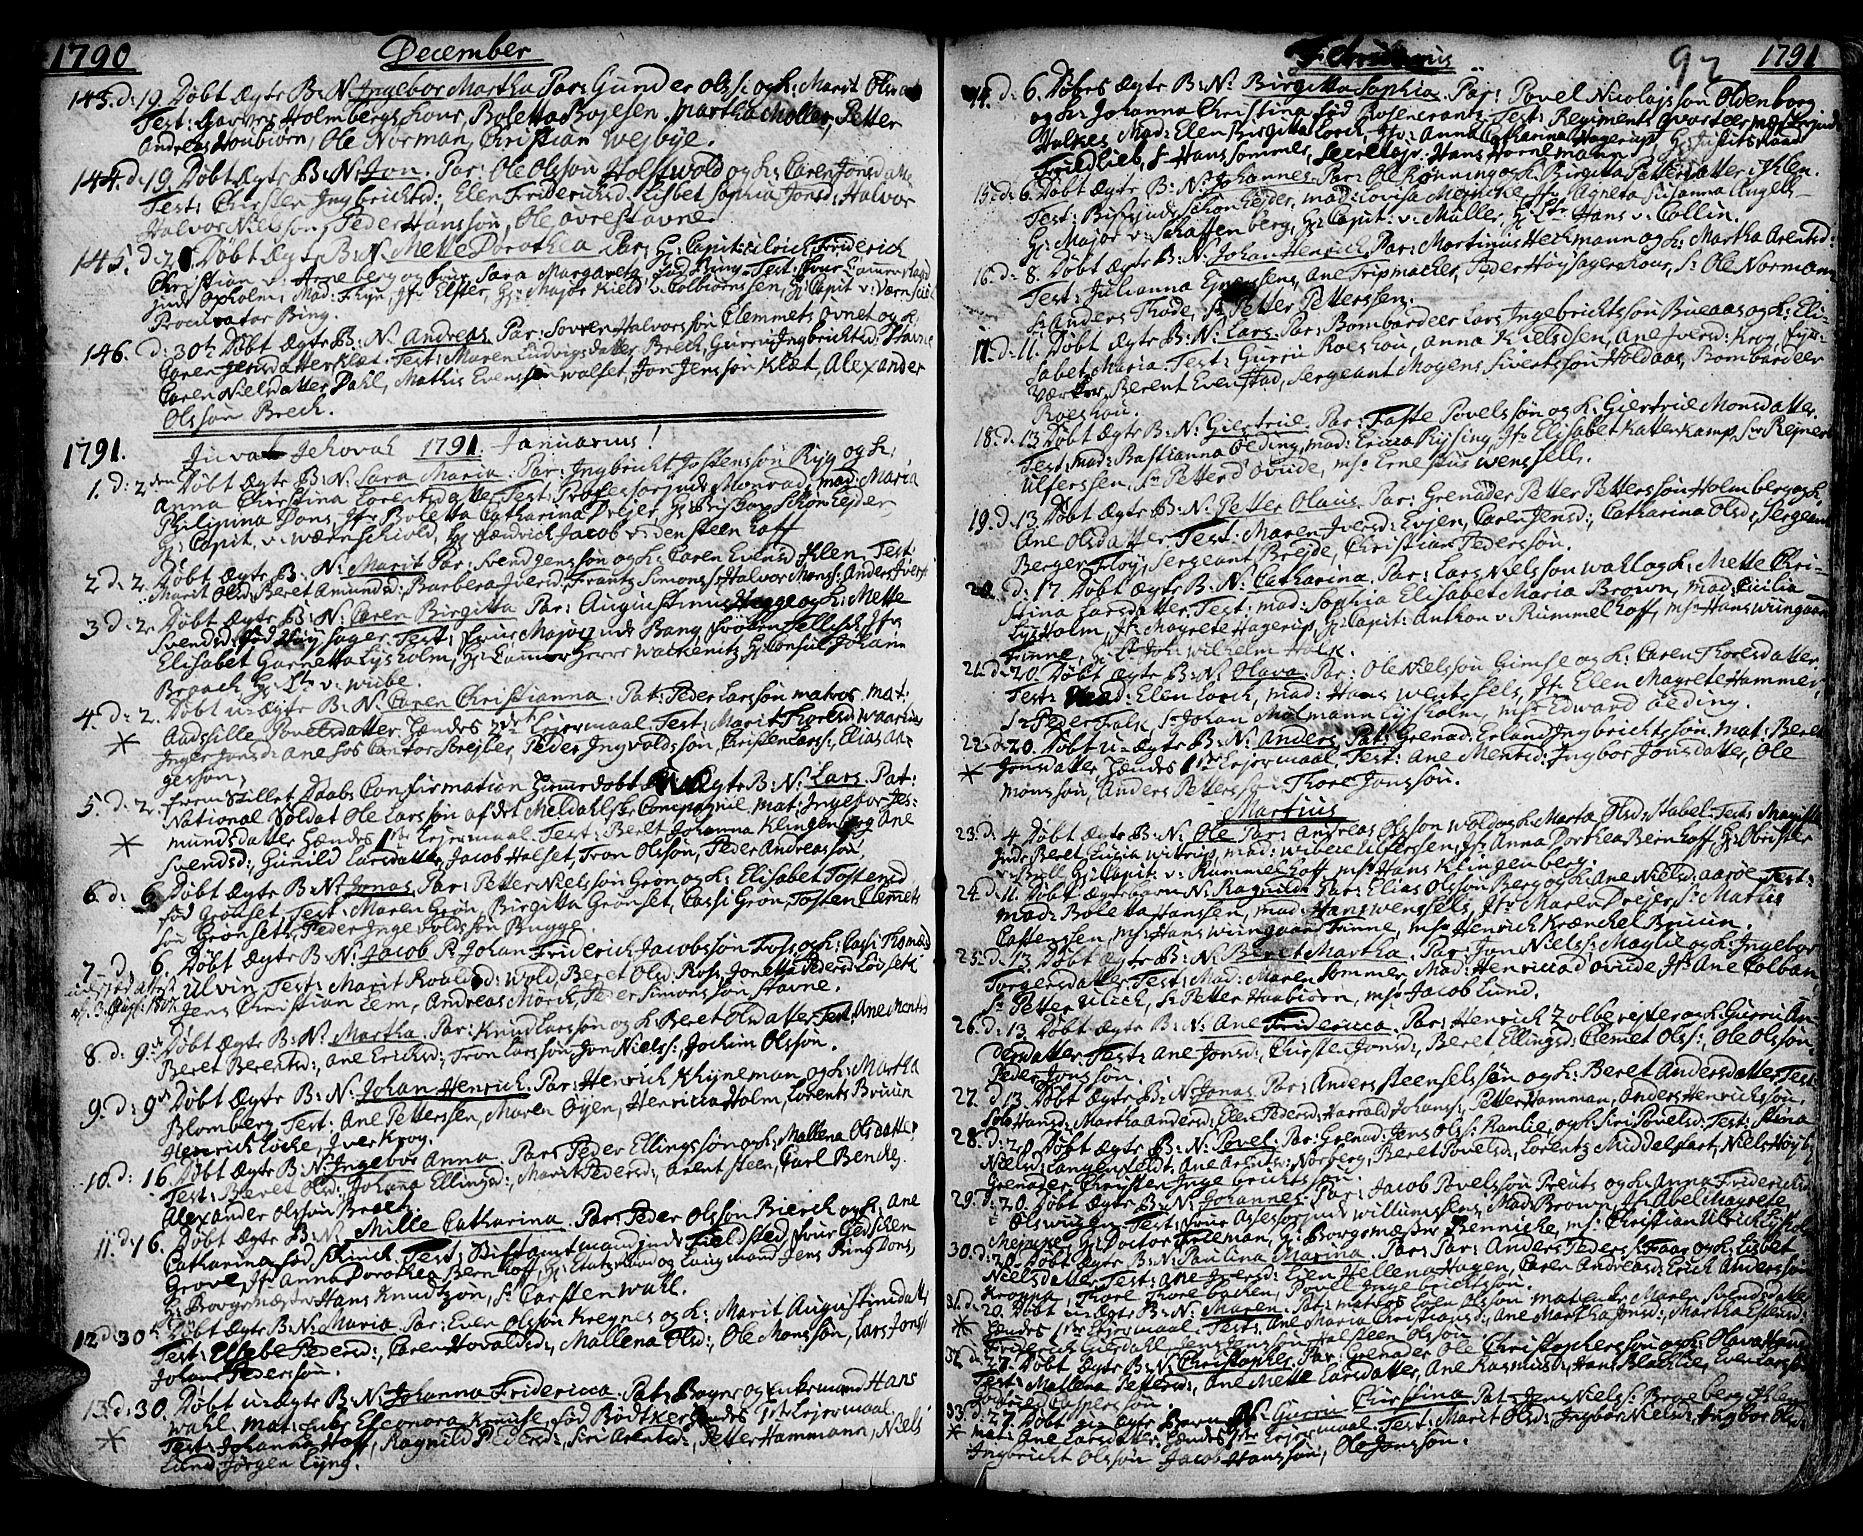 SAT, Ministerialprotokoller, klokkerbøker og fødselsregistre - Sør-Trøndelag, 601/L0039: Ministerialbok nr. 601A07, 1770-1819, s. 92